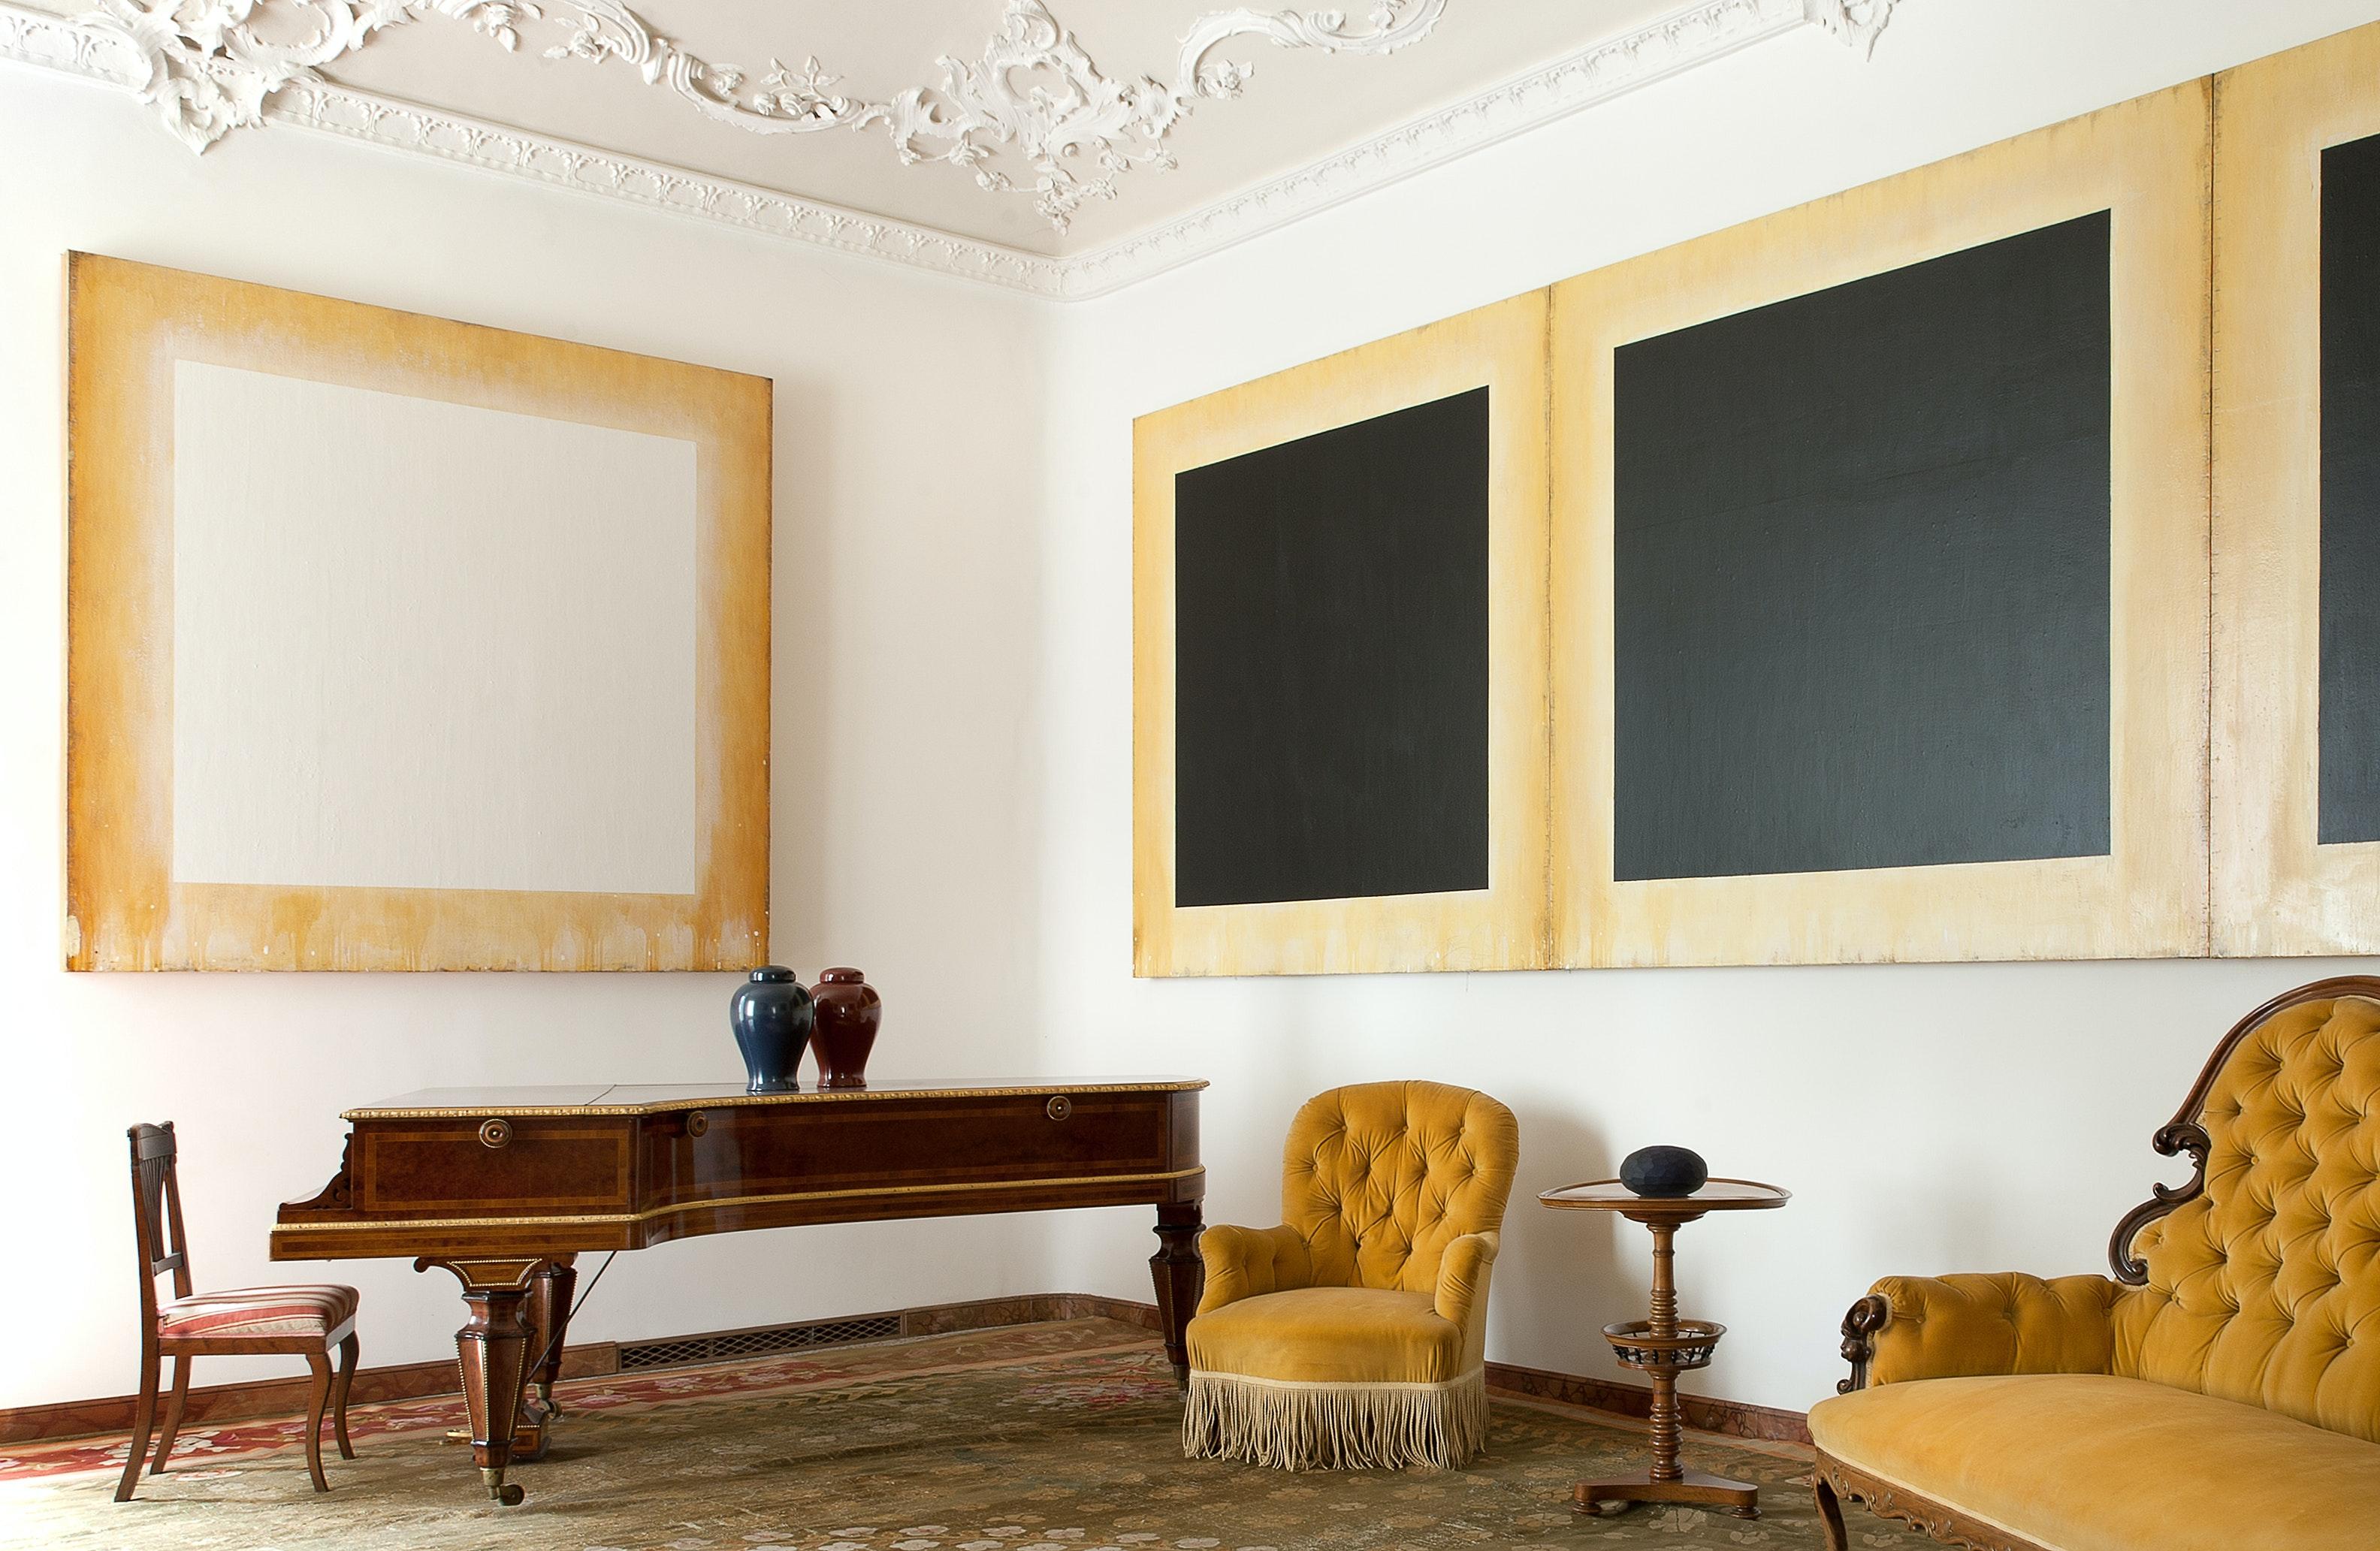 Sala della carpinata con opere di Ford Beckman, VILLA E COLLEZIONE PANZA, VARESE